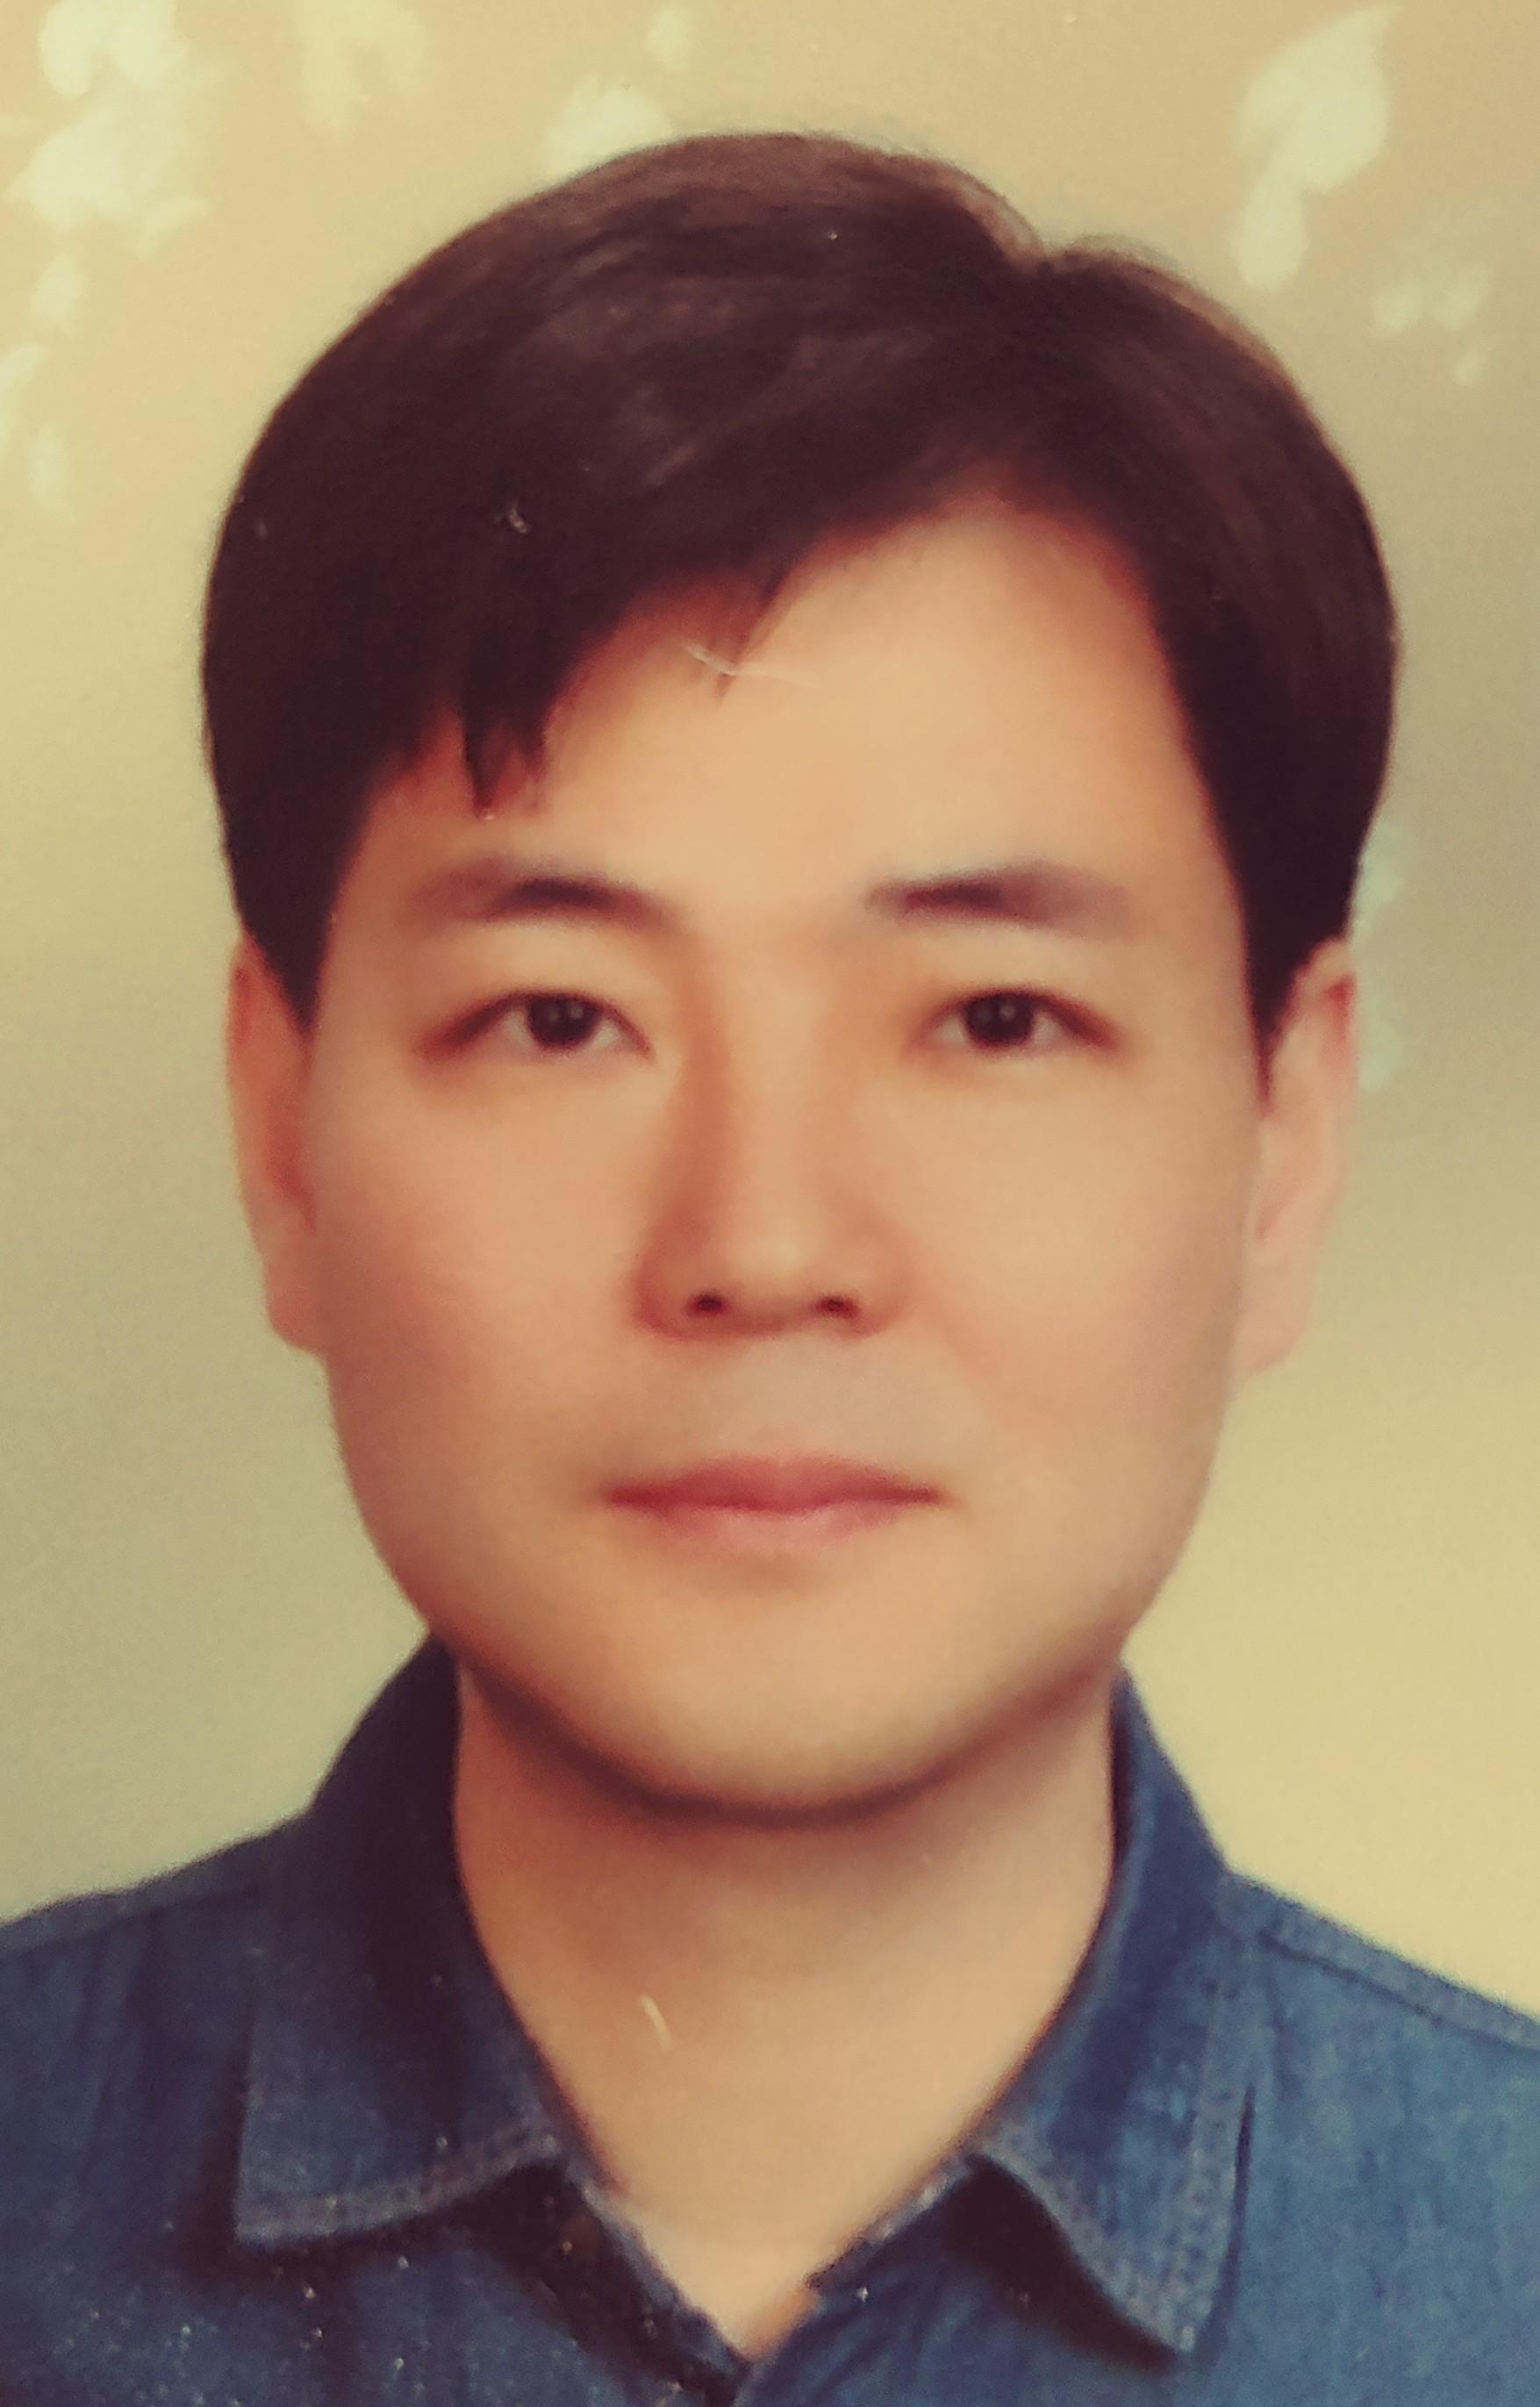 박종현 교수 사진